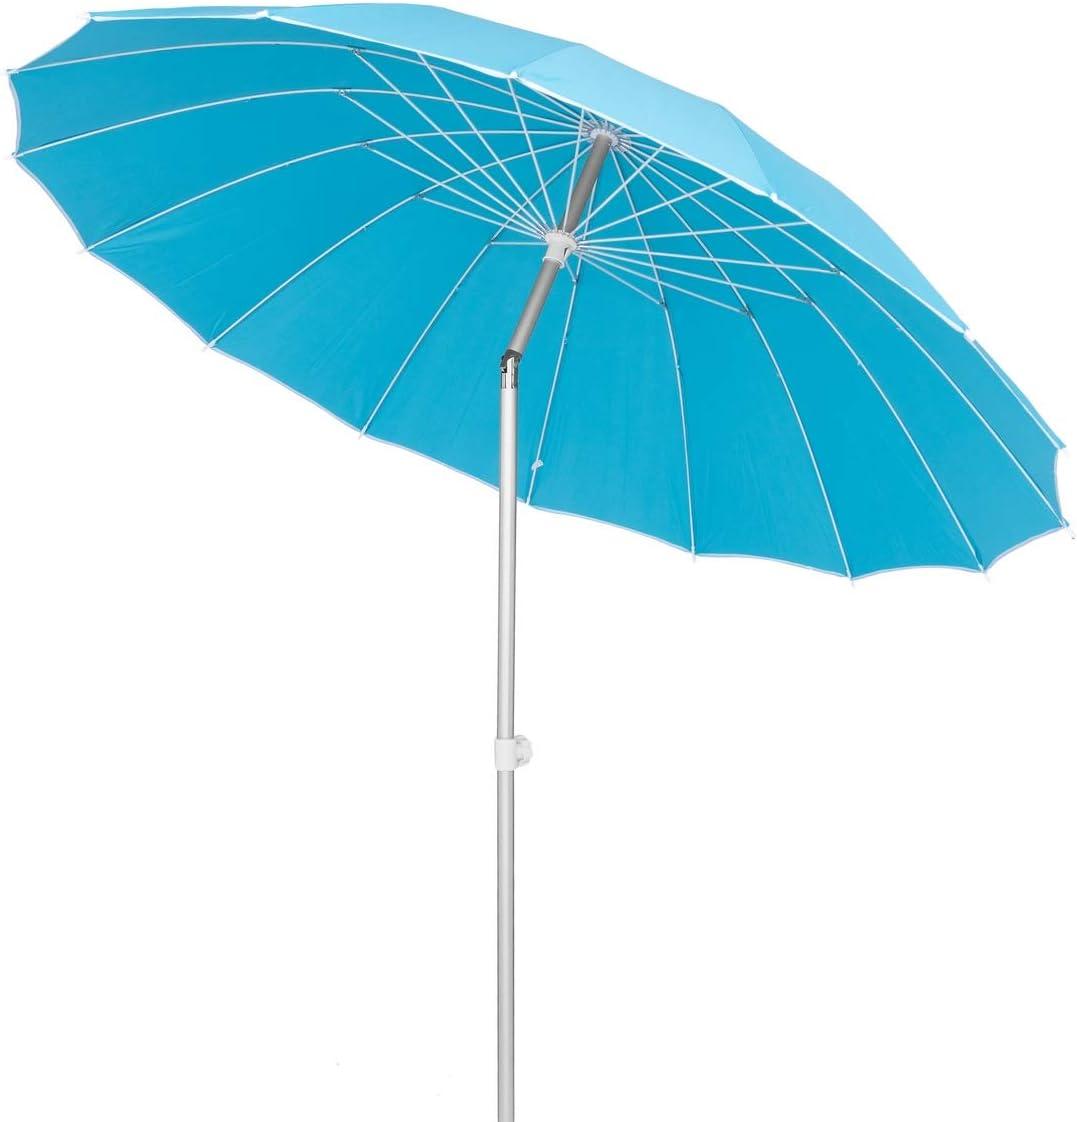 Lola Home Parasol sombrilla con Varillas Flexibles de Fibra de Carbono y Aluminio (Azul)